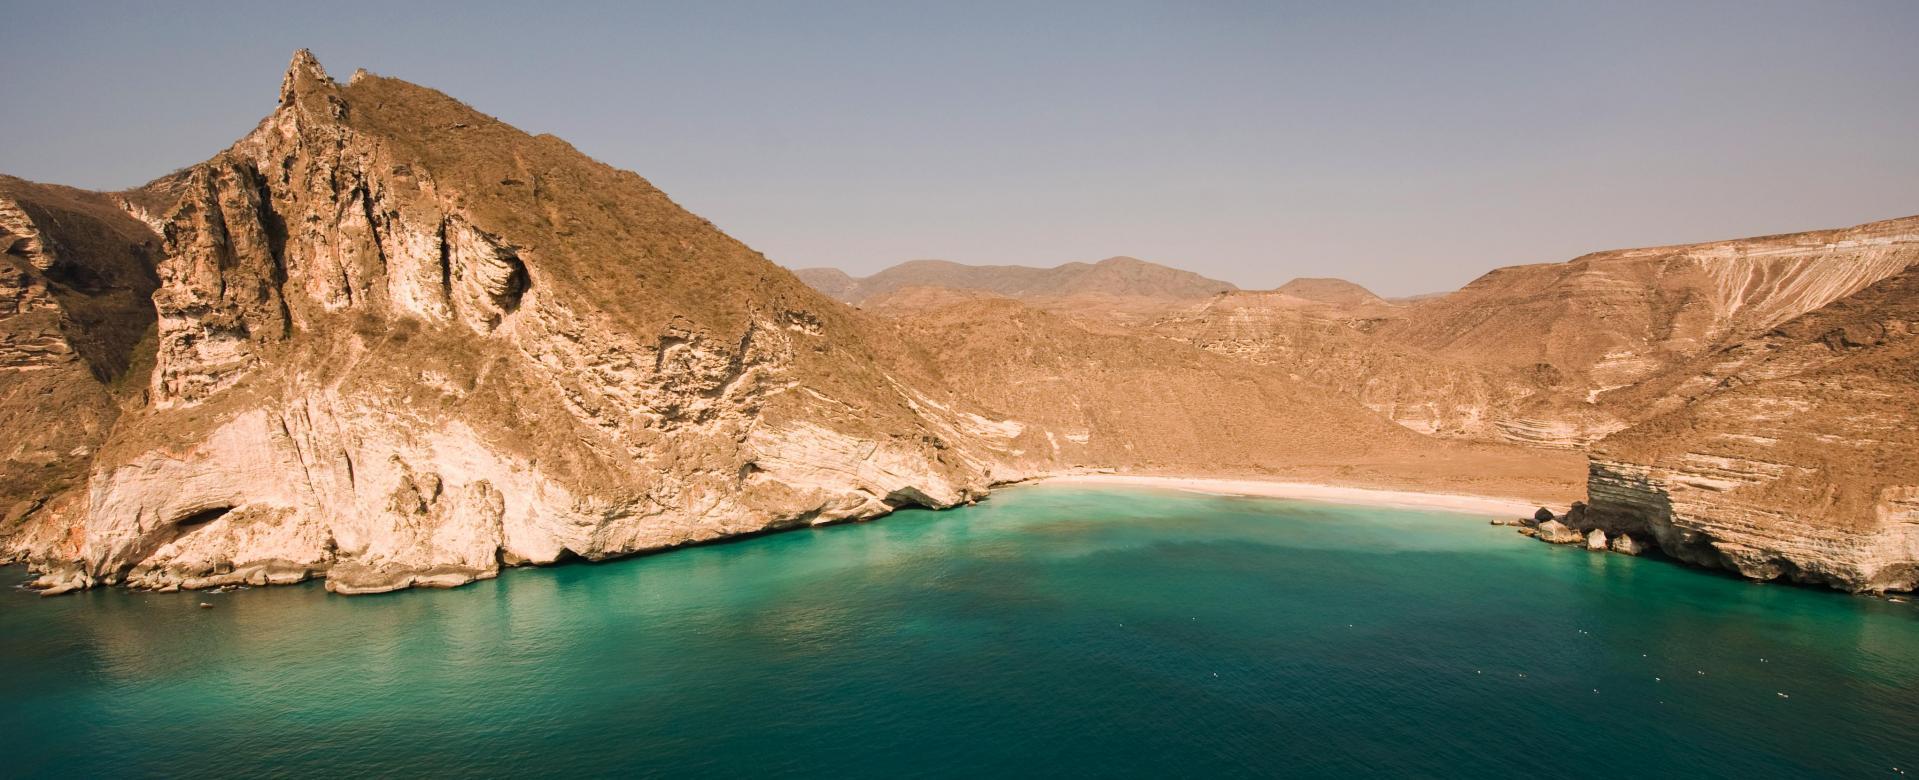 Voyage à pied Oman : Joyaux du sultanat d'oman